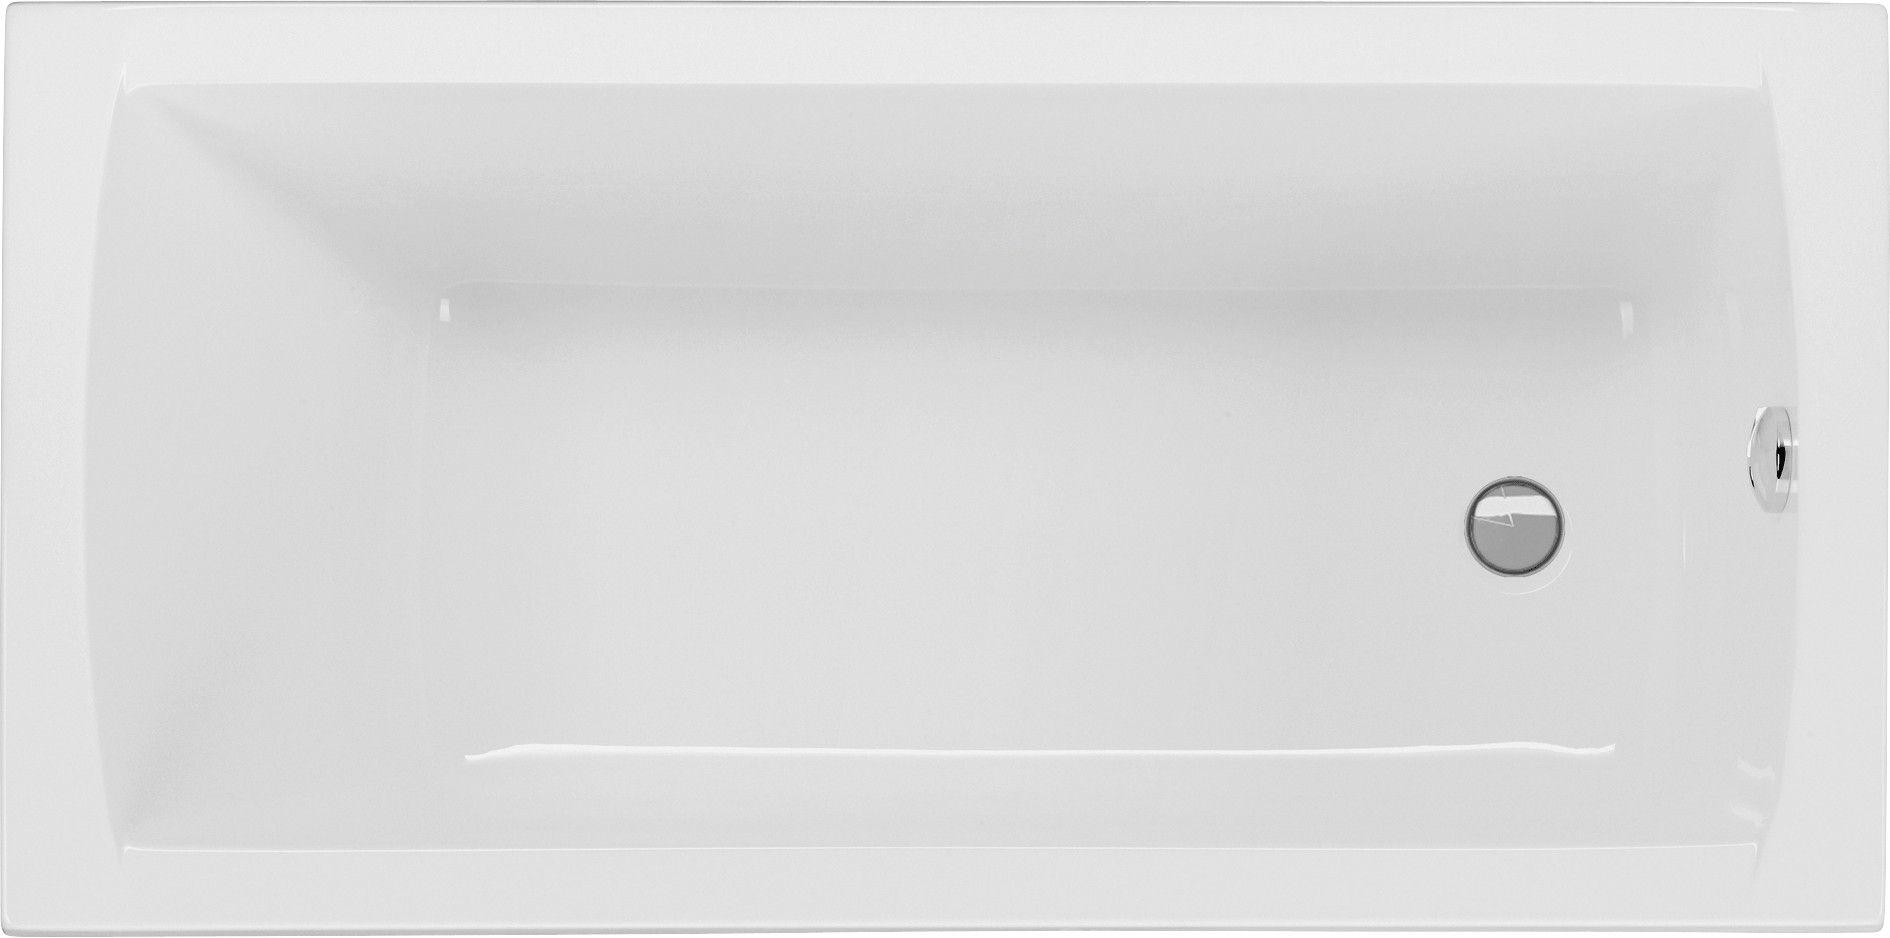 Bette One Rechteck Erleben Sie Wohltuende Entspannung In Der Formschonen Einbau Badewanne Ab Und Uberlauf Sind Bei Dieser Badewanne Mi Badewanne Wanne Baden